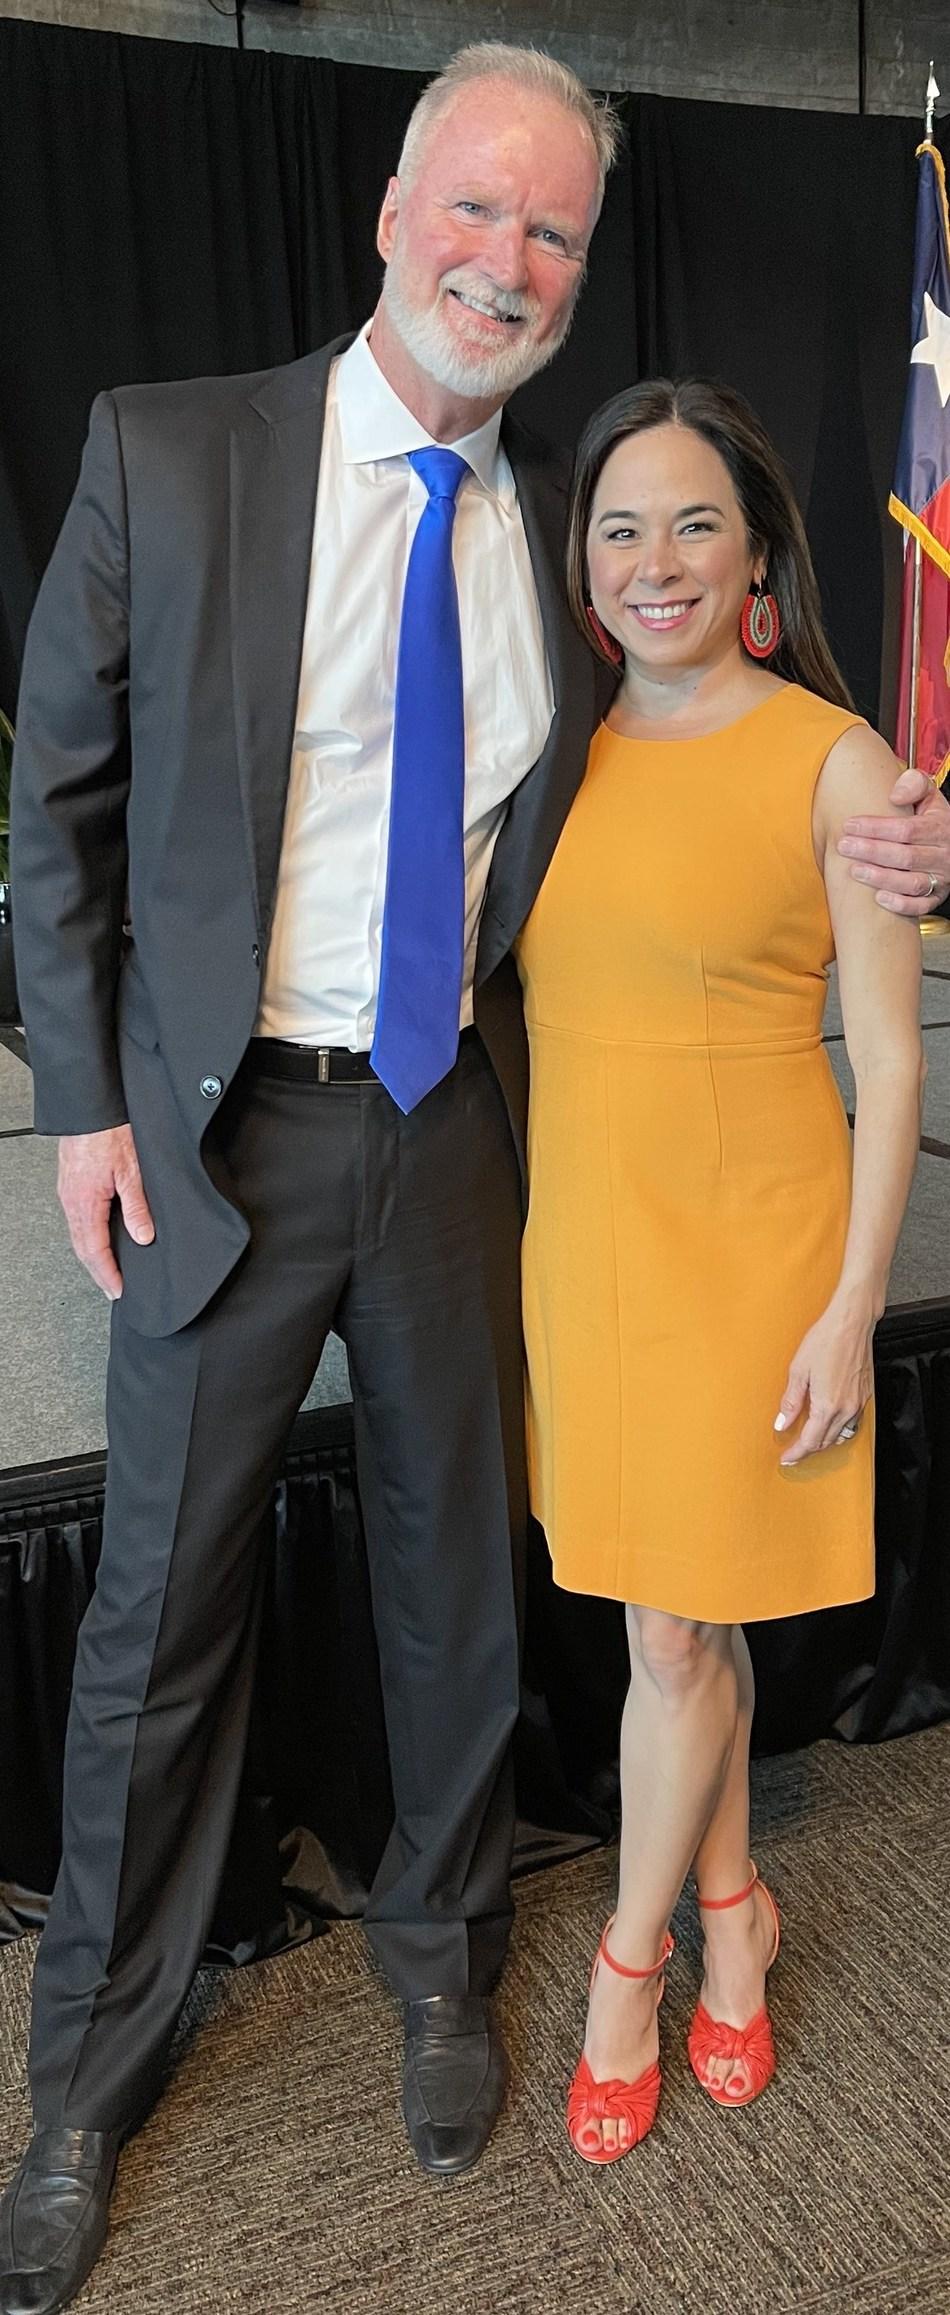 Bob Hilliard and Catherine Hilliard